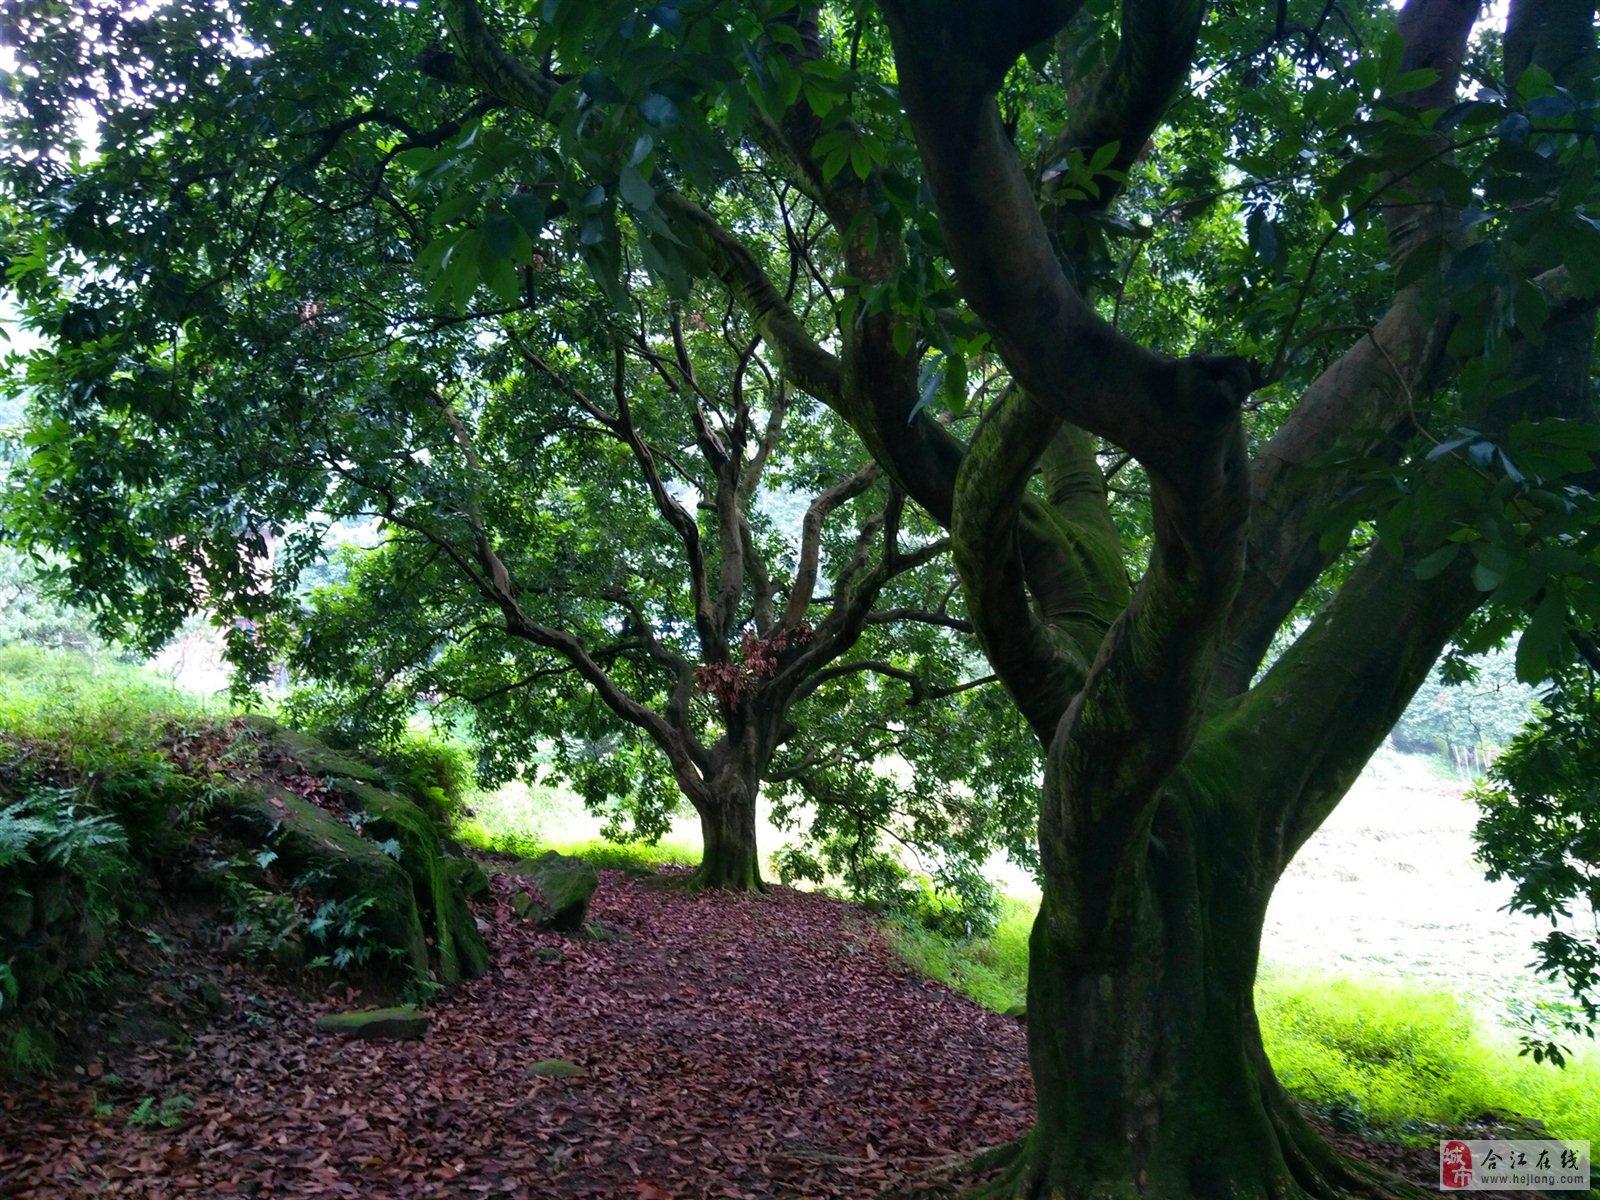 据考察,目前黄金湾最老荔枝树龄达500年之久.